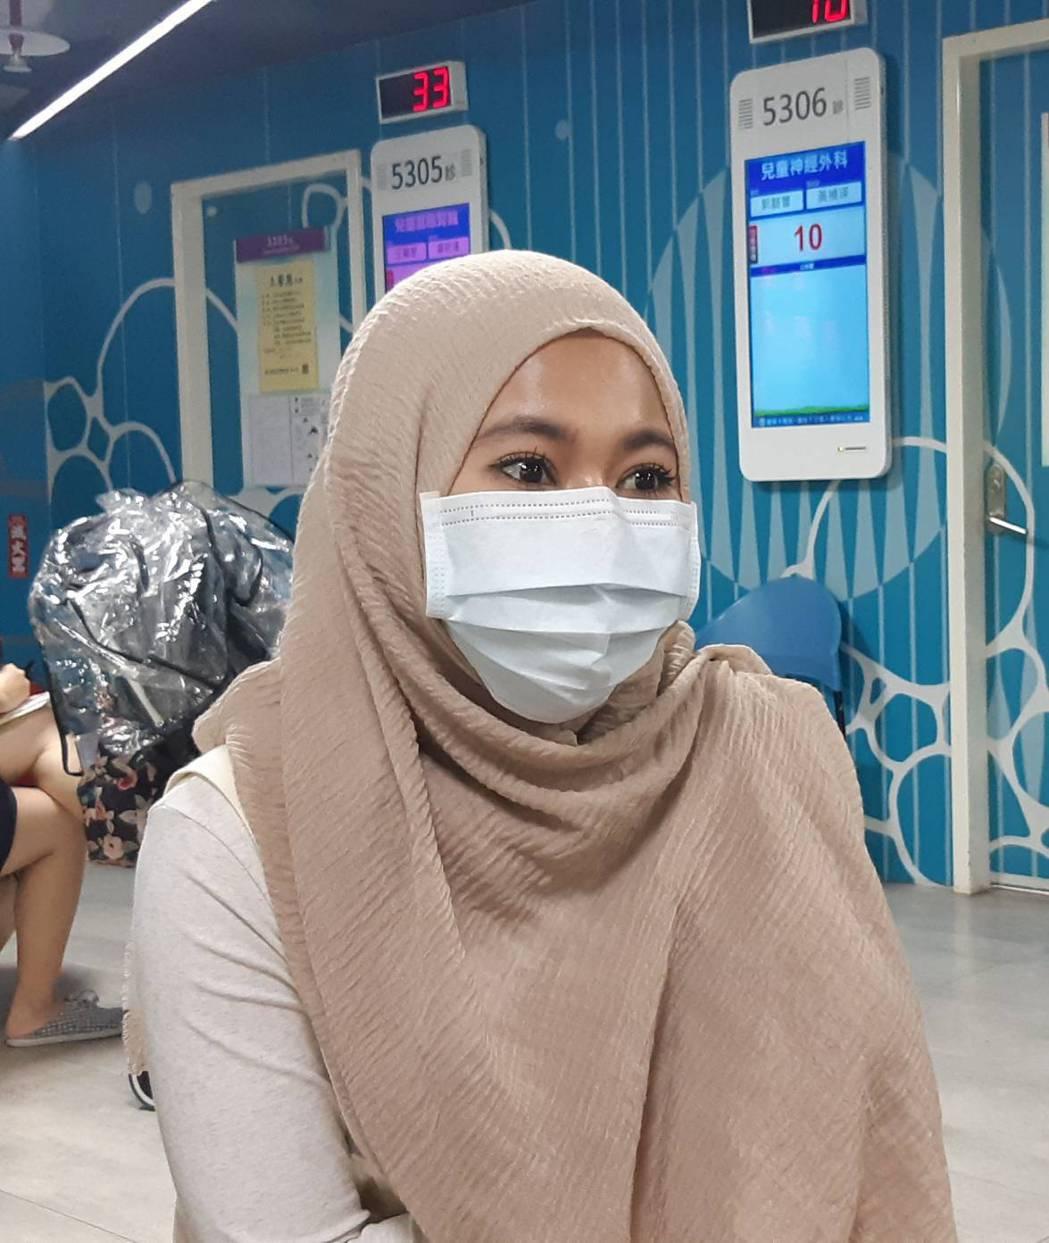 莉娜年僅23歲,來台灣工作才滿一年多,就被診斷出「再生不良性貧血」,在許多人協助...